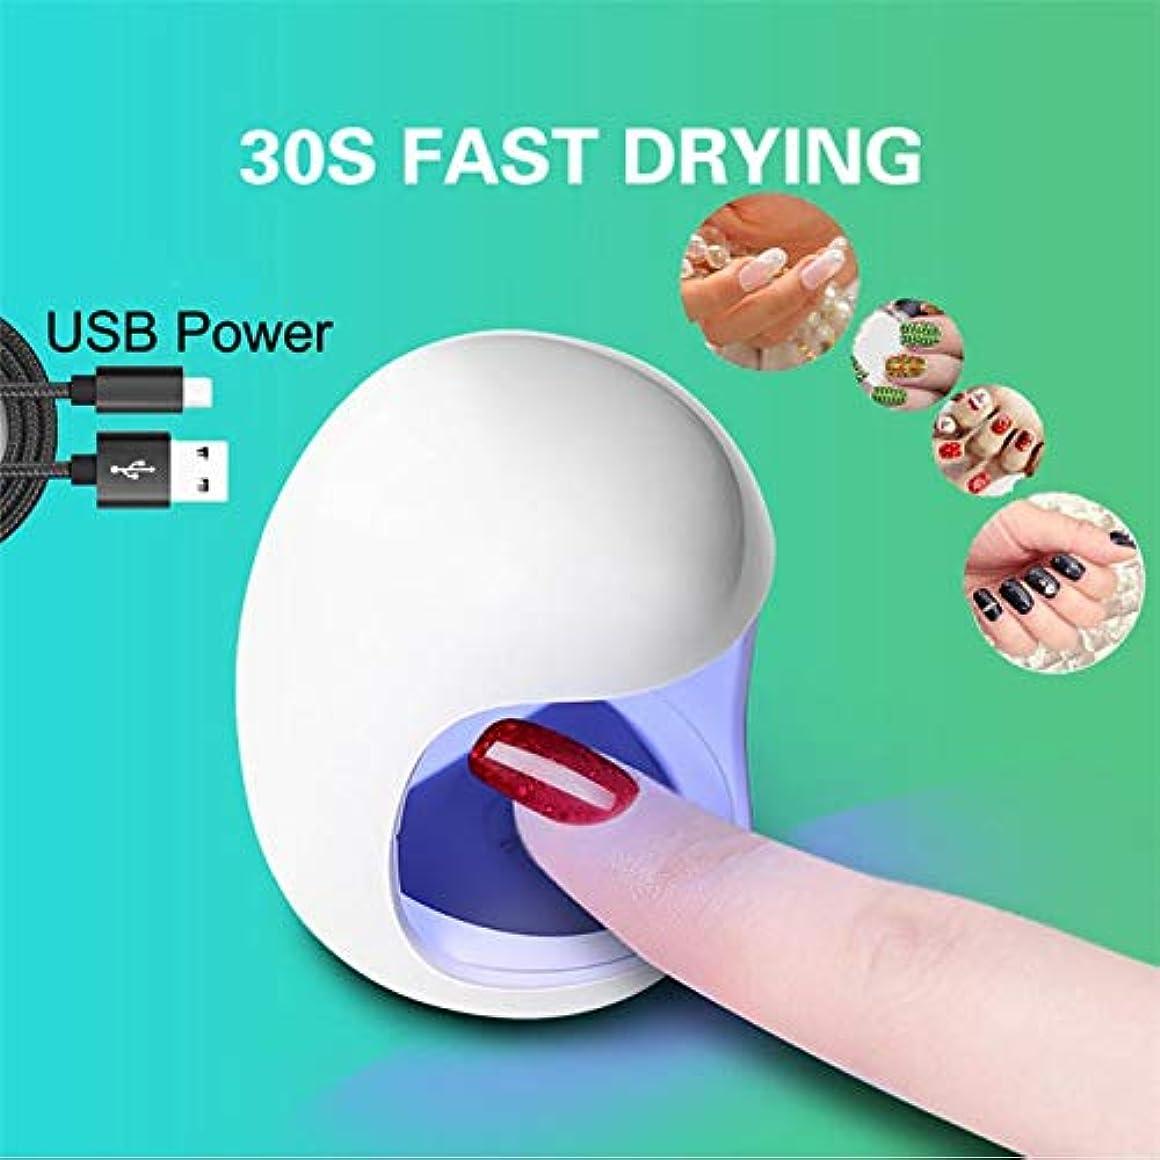 感心する寮飲み込む58 × 45 × 45 ミリメートル 3 ワットホワイトミニ Usb UV ネイルジェル硬化ランプライトネイルジェルポリッシュ乾燥機ネイルアート機 PC & ABS Led UV ランプ lampa